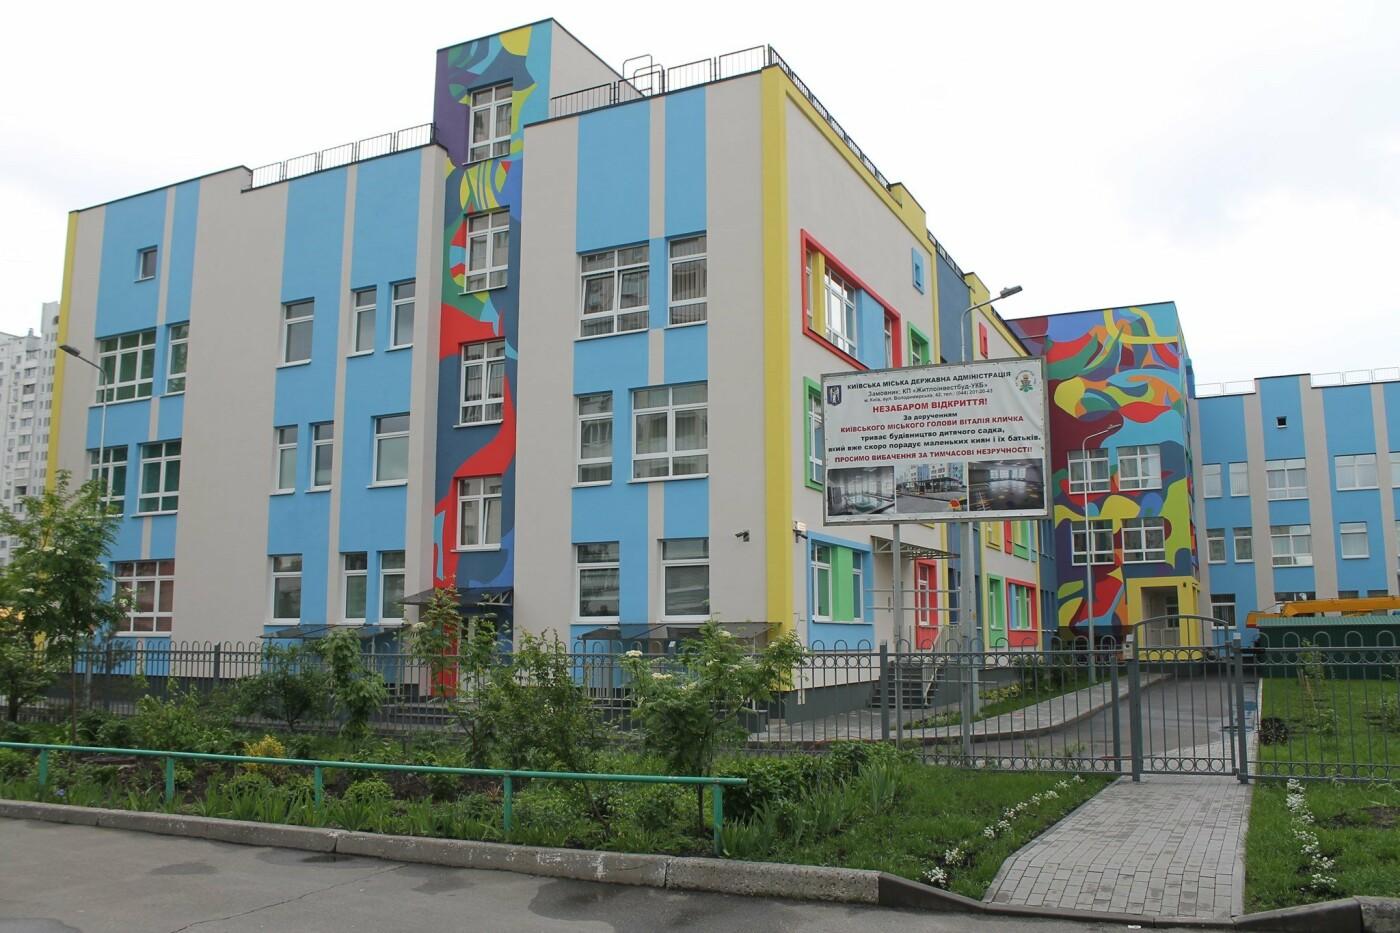 Ко Дню защиты детей  откроют новый детский сад, Facebook Деснянской РГА.